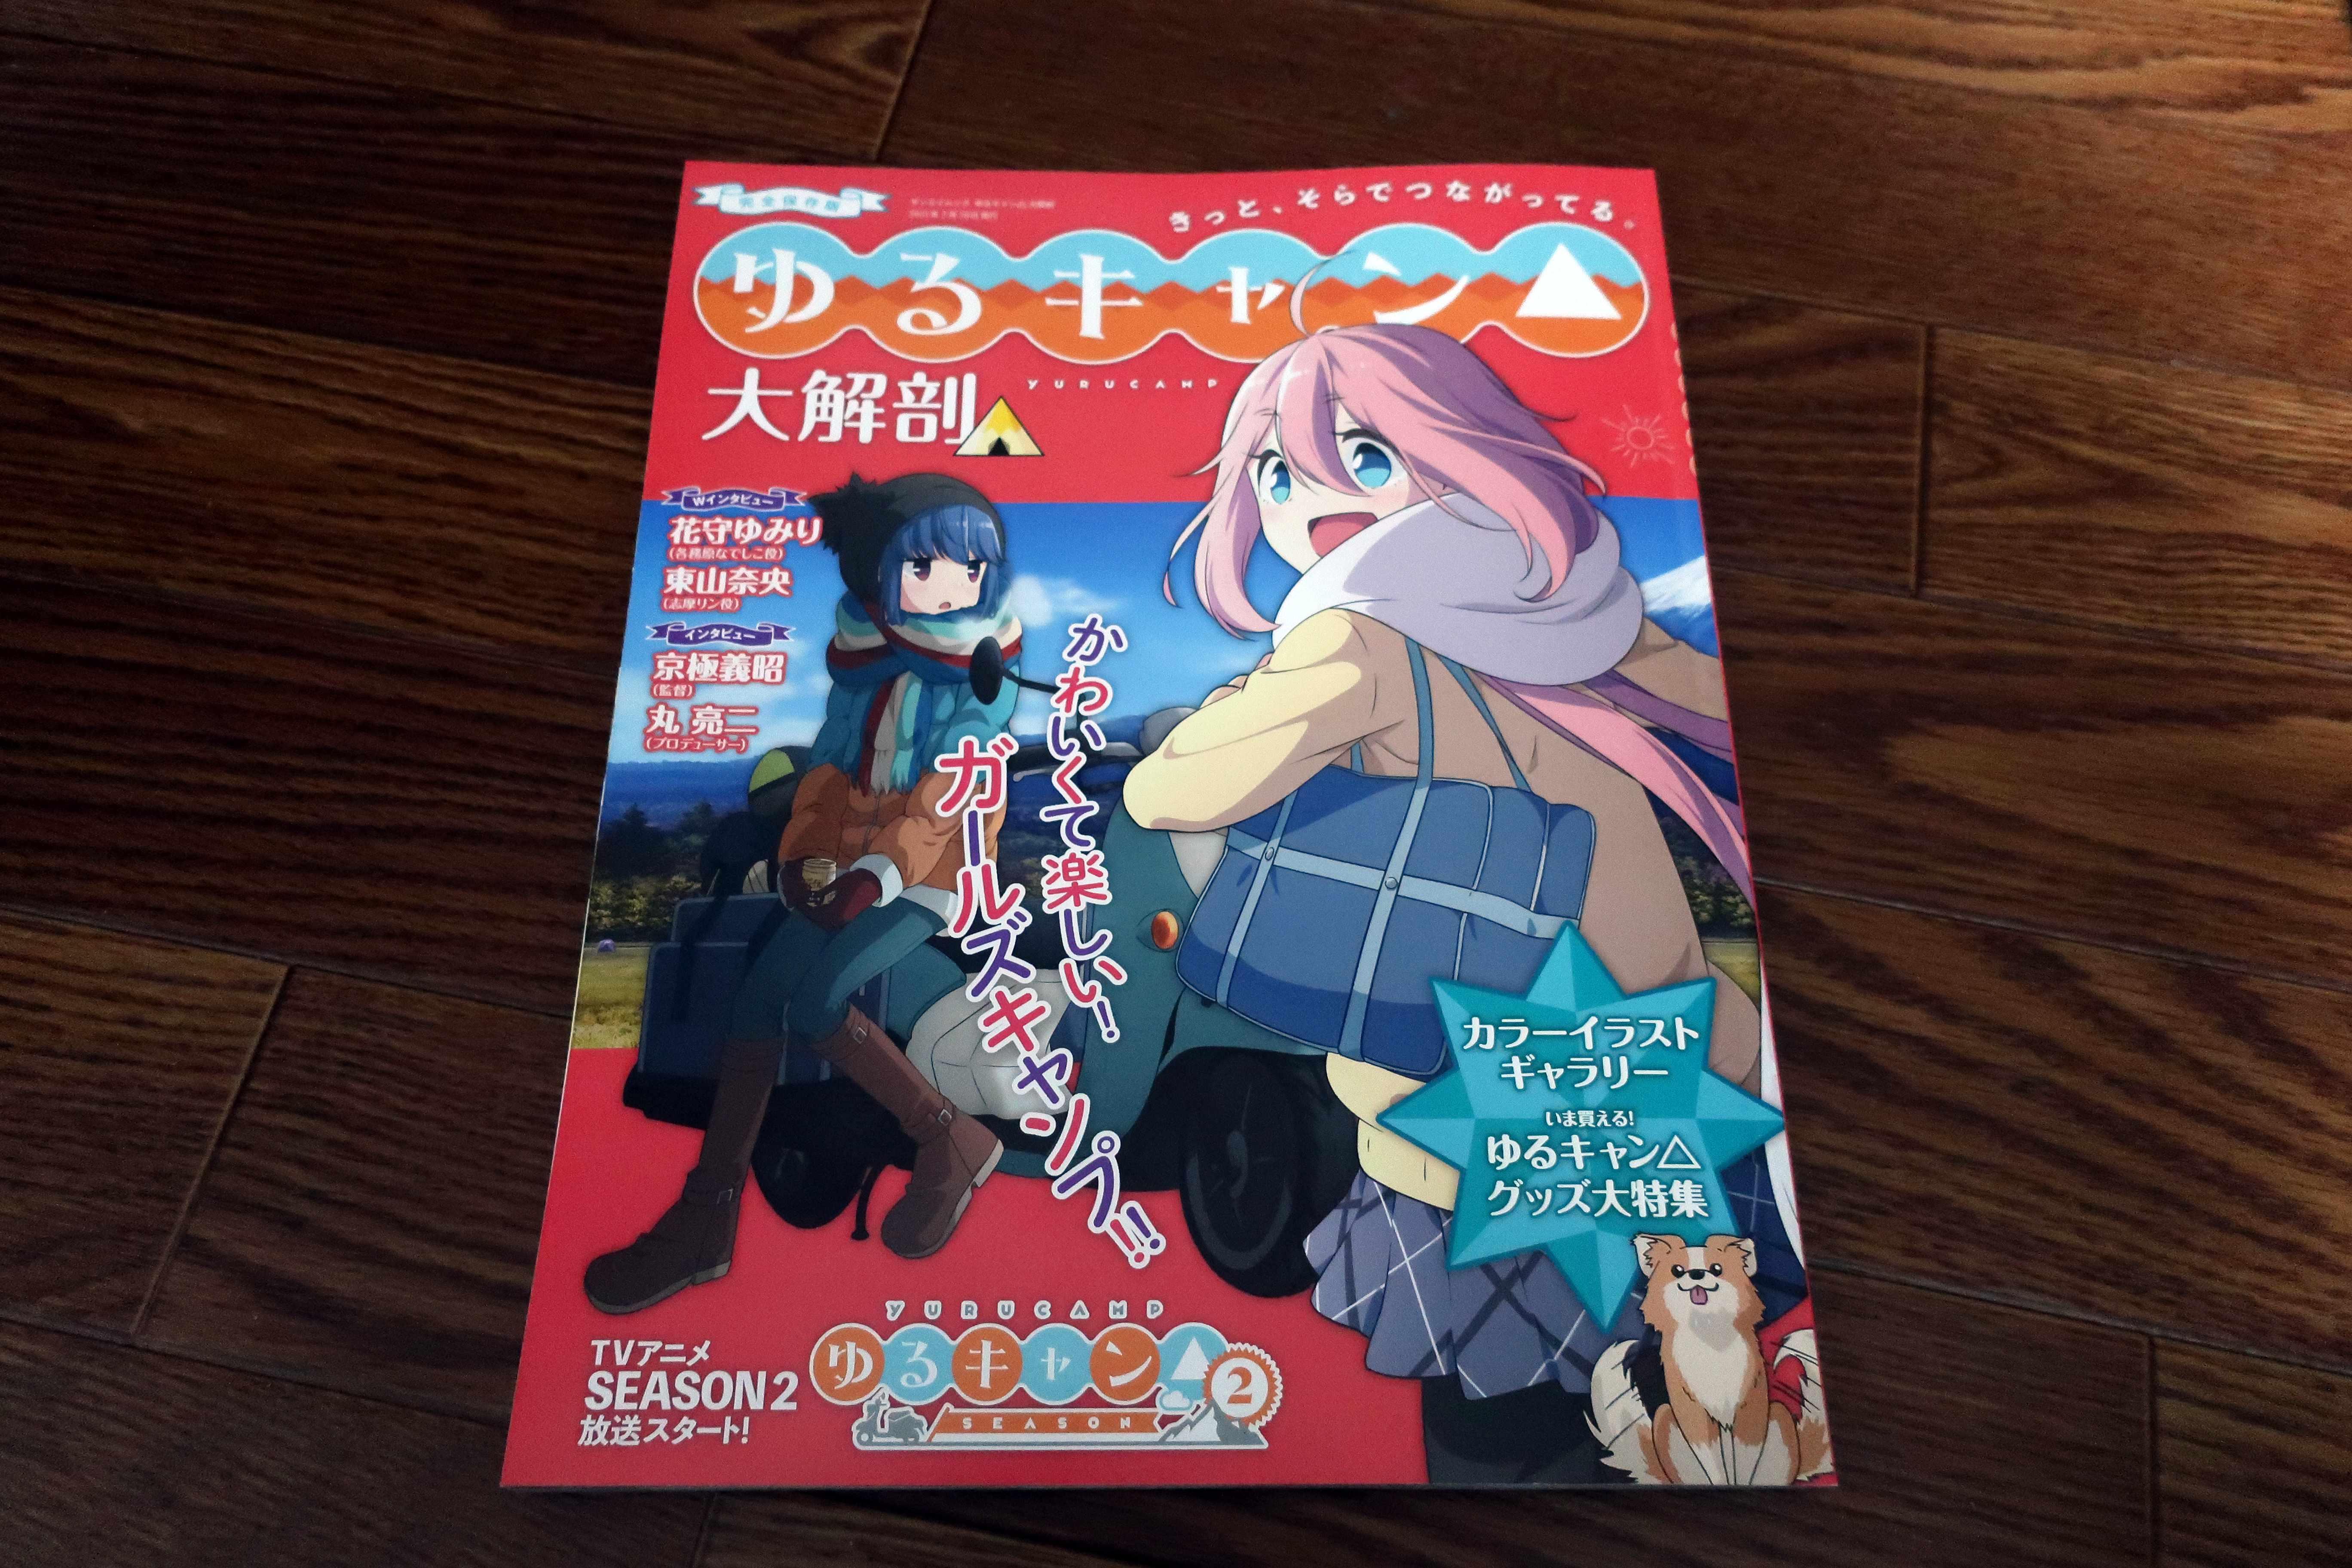 ゆるキャン△大解剖の読書感想文(+公式ガイドブックとの軽い比較 ...